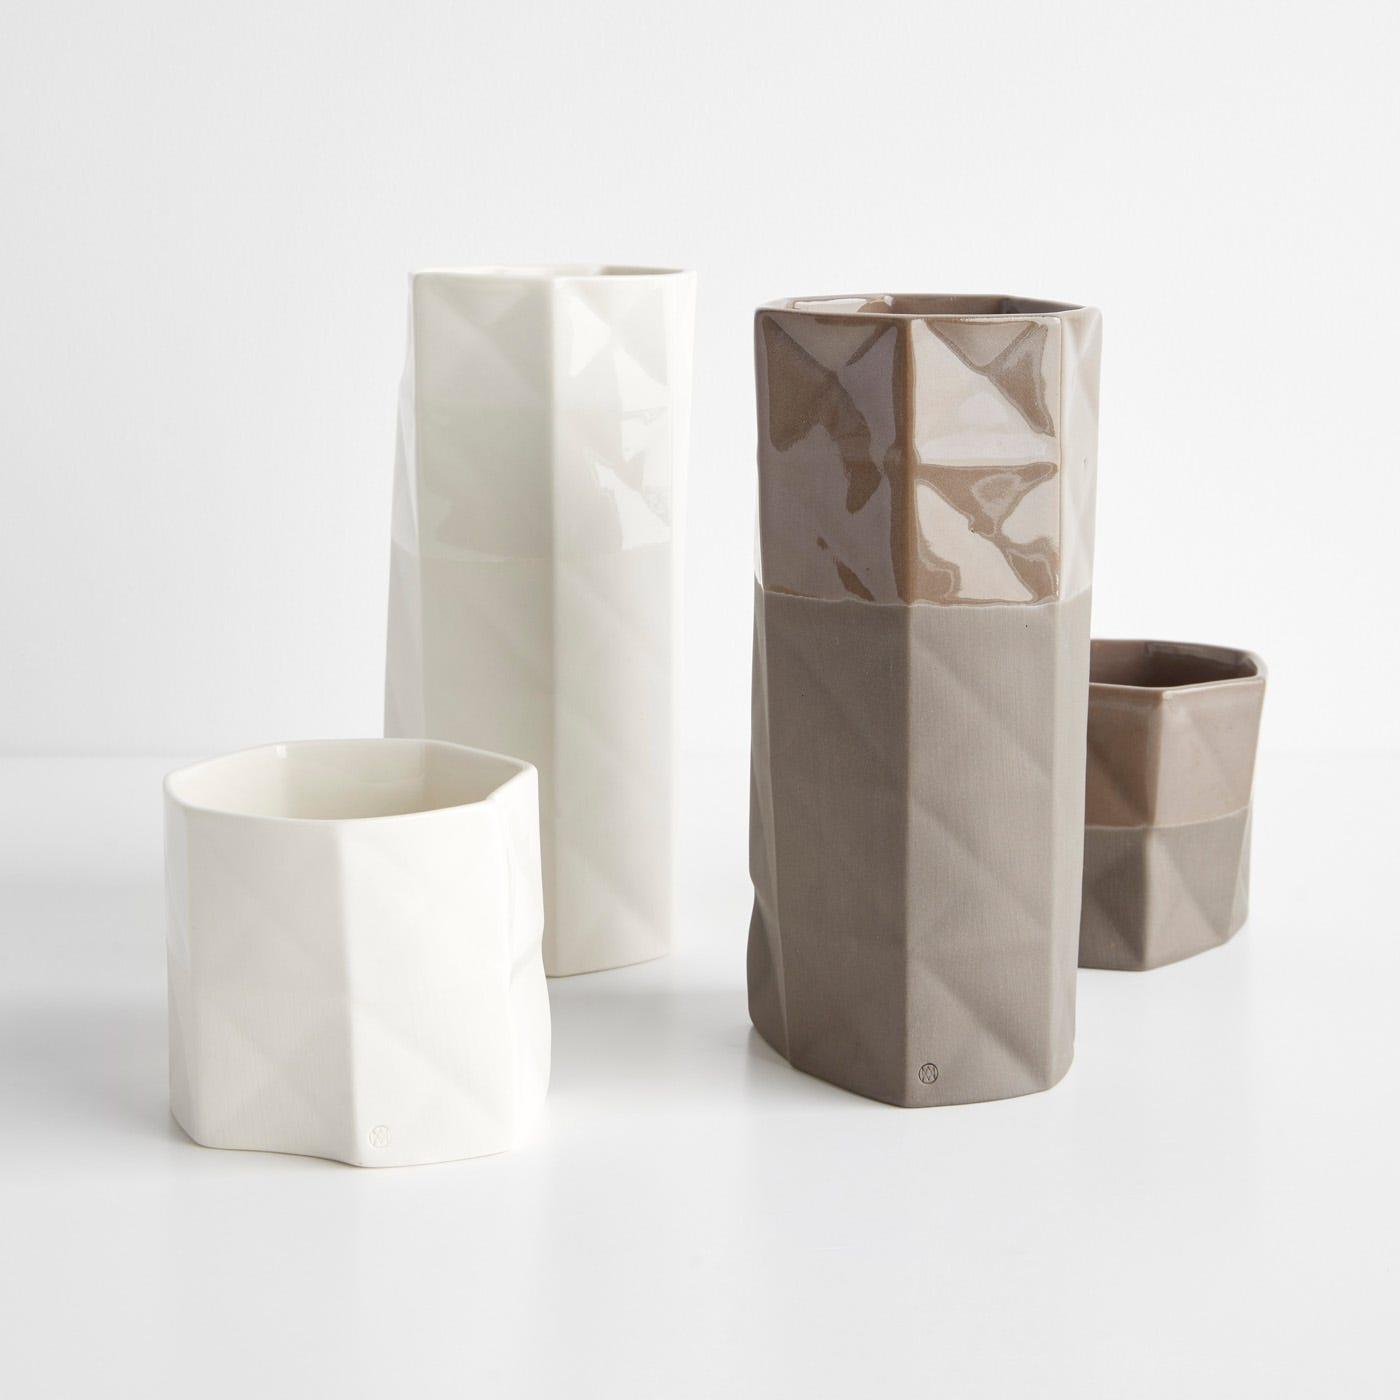 Origami Vases